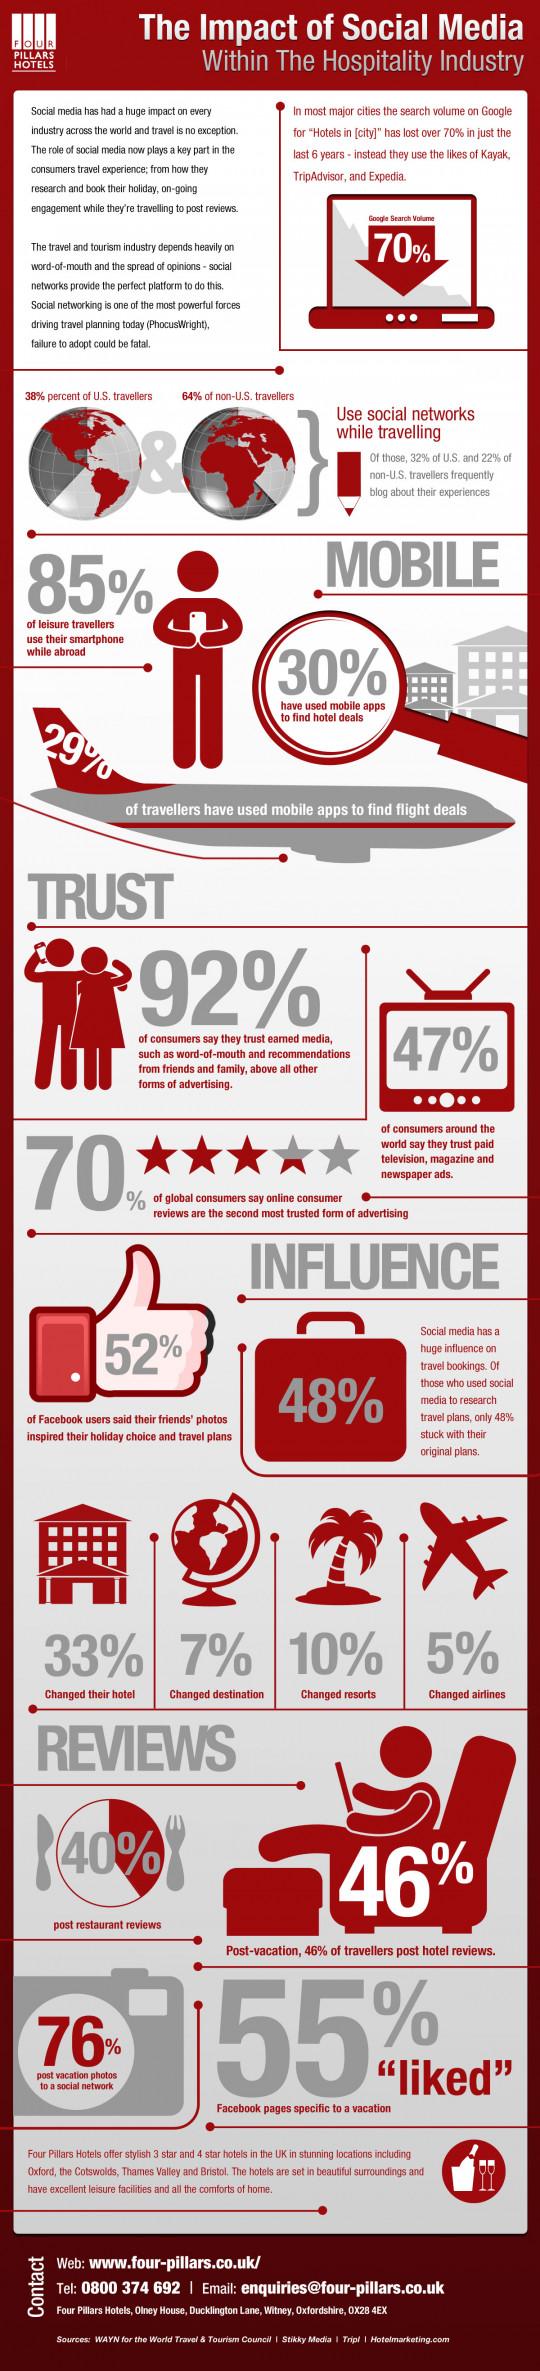 Social Media Impact on hospitality